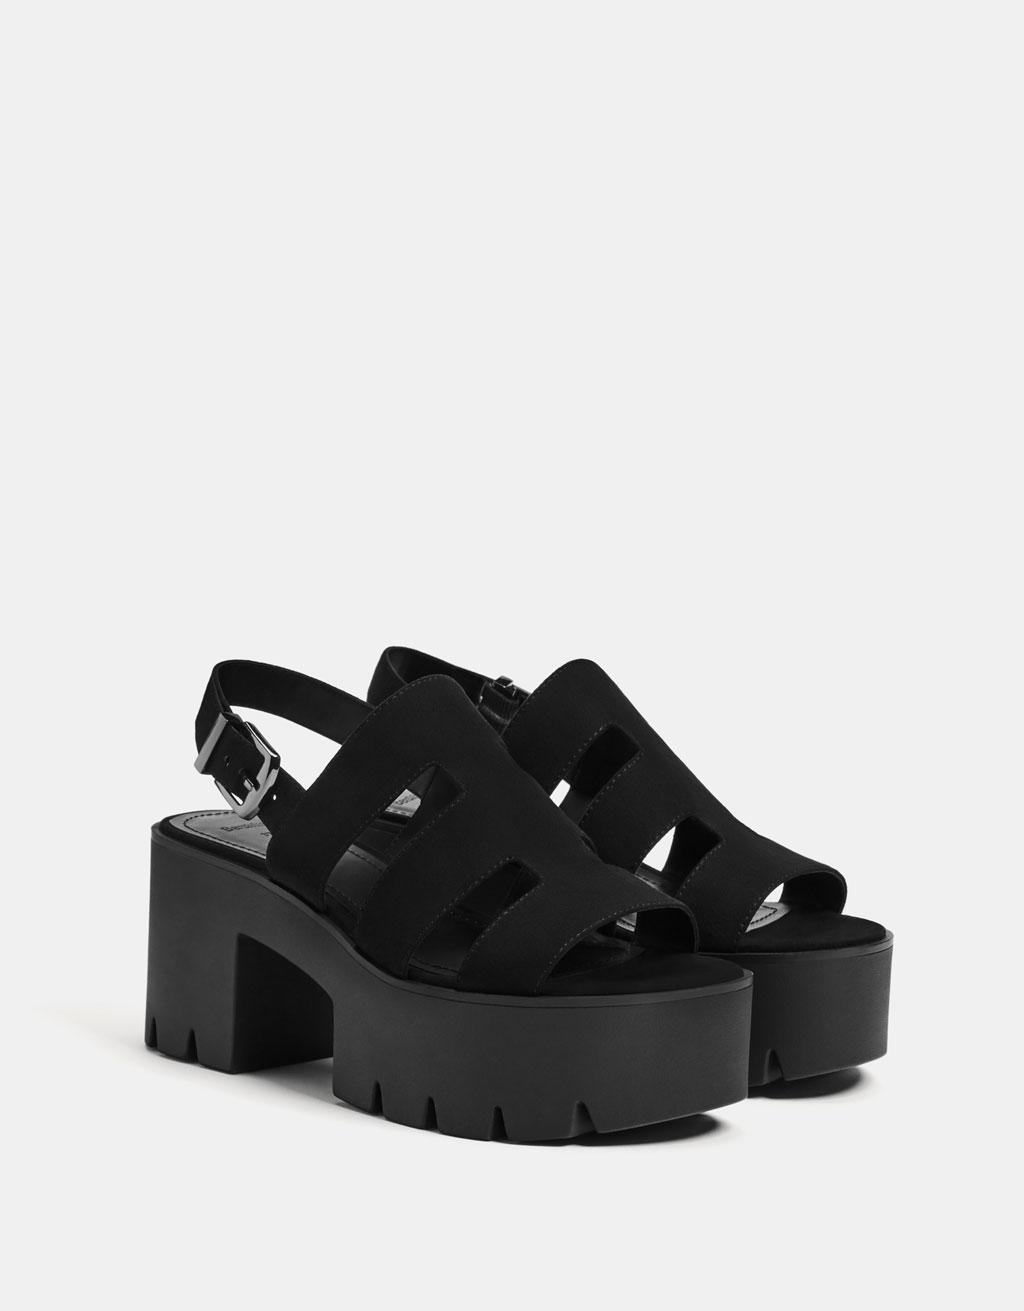 Strappy platform sandals